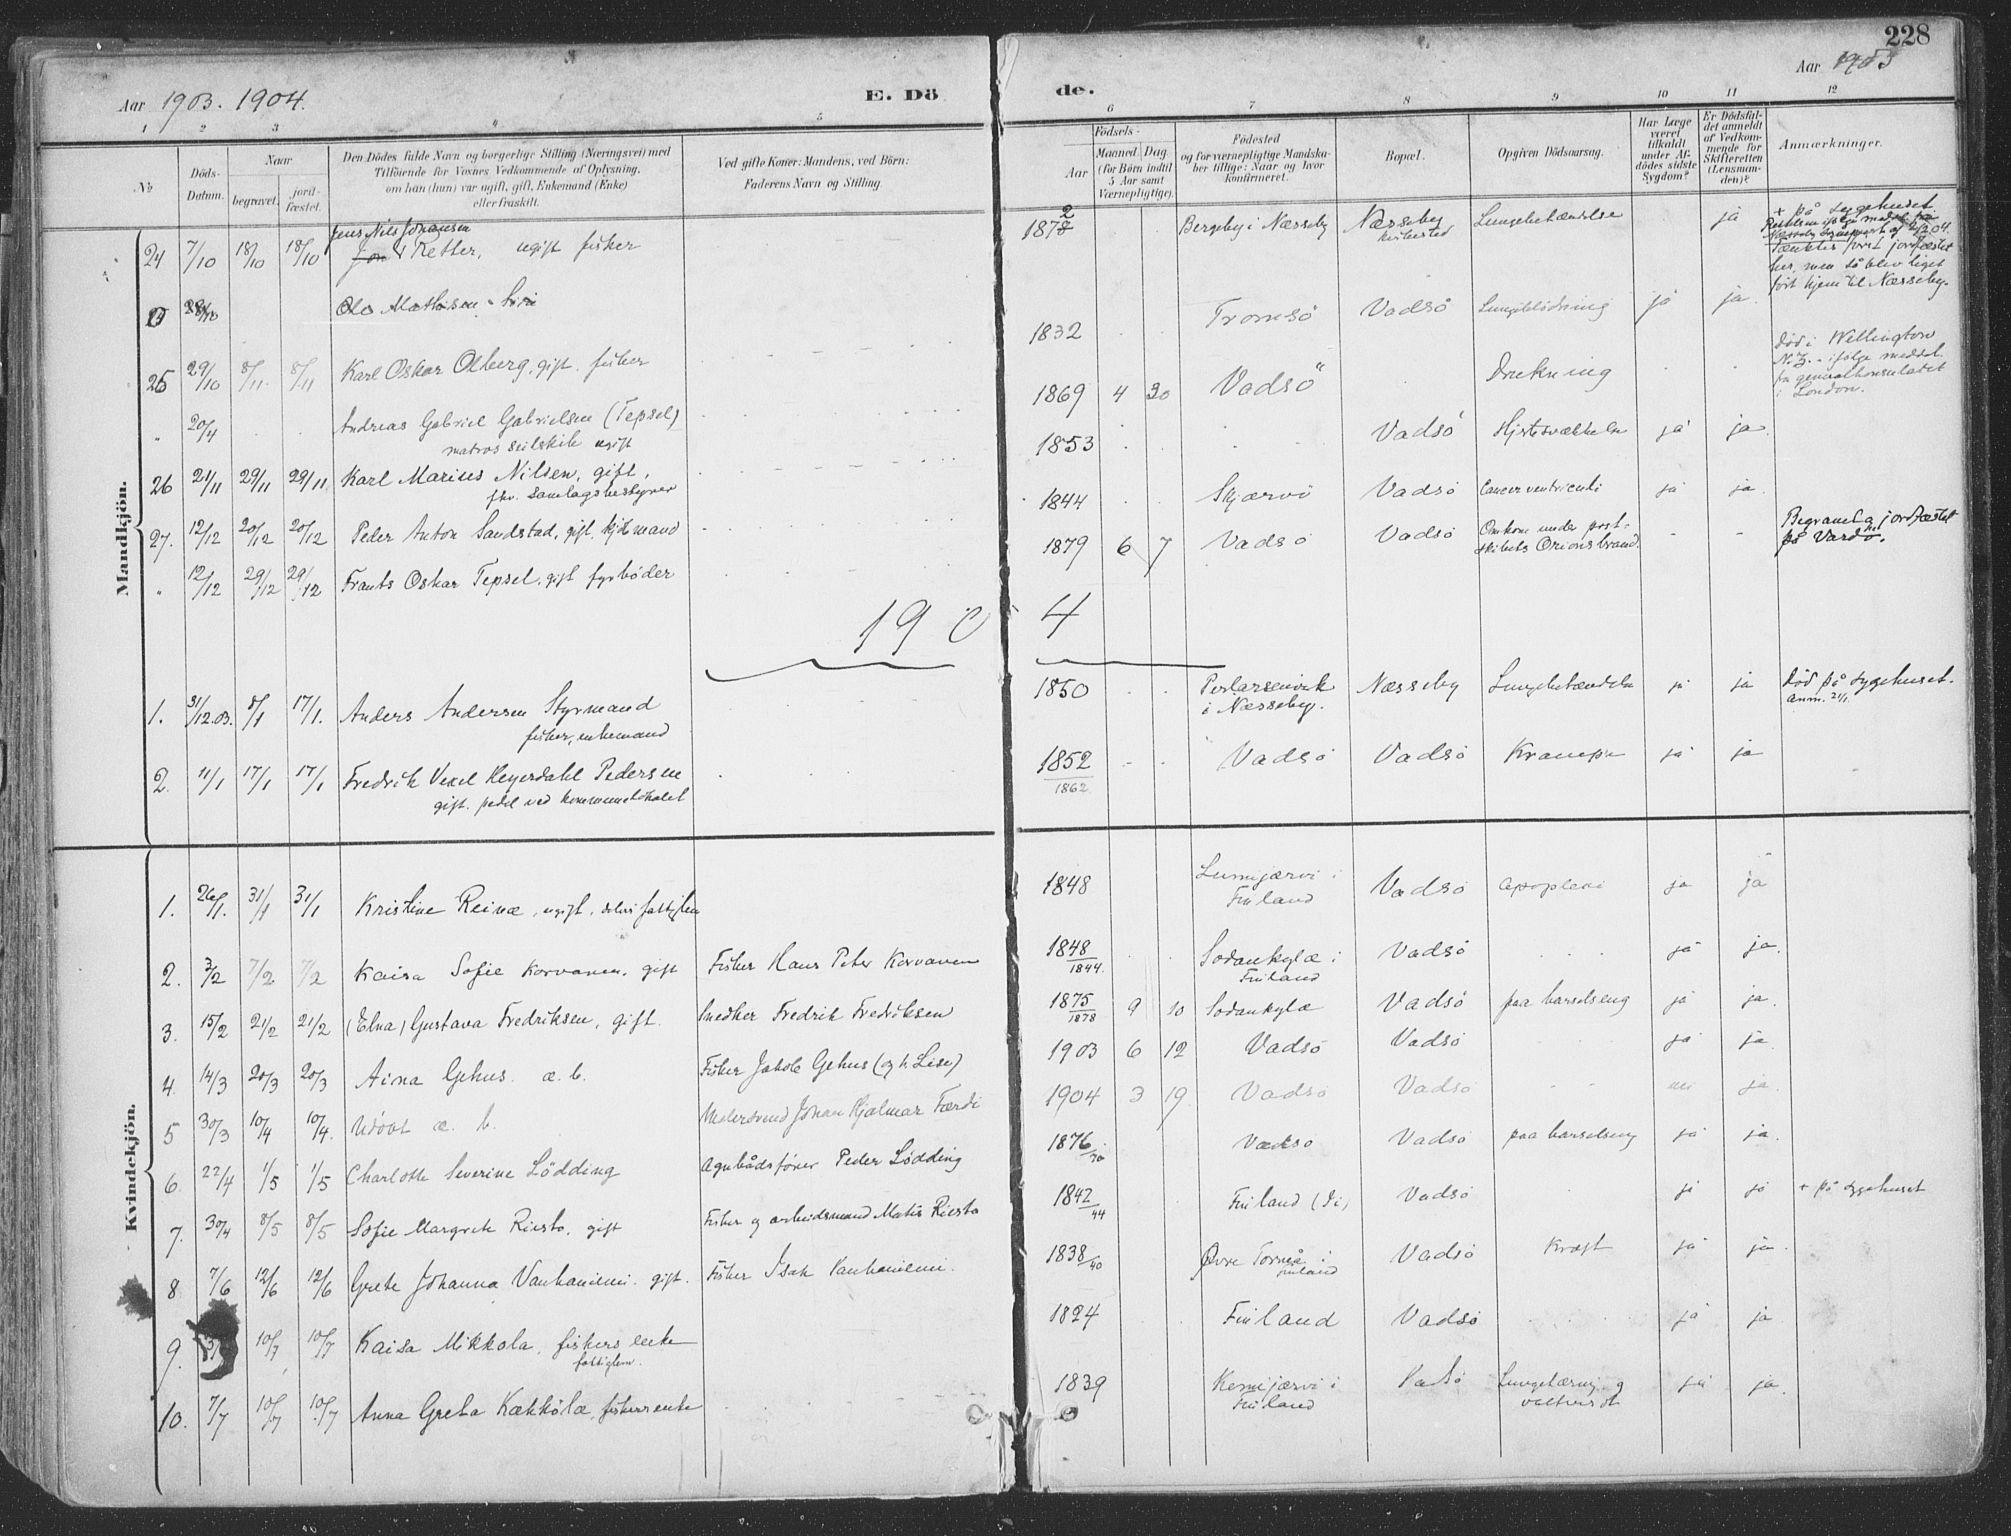 SATØ, Vadsø sokneprestkontor, H/Ha/L0007kirke: Ministerialbok nr. 7, 1896-1916, s. 228